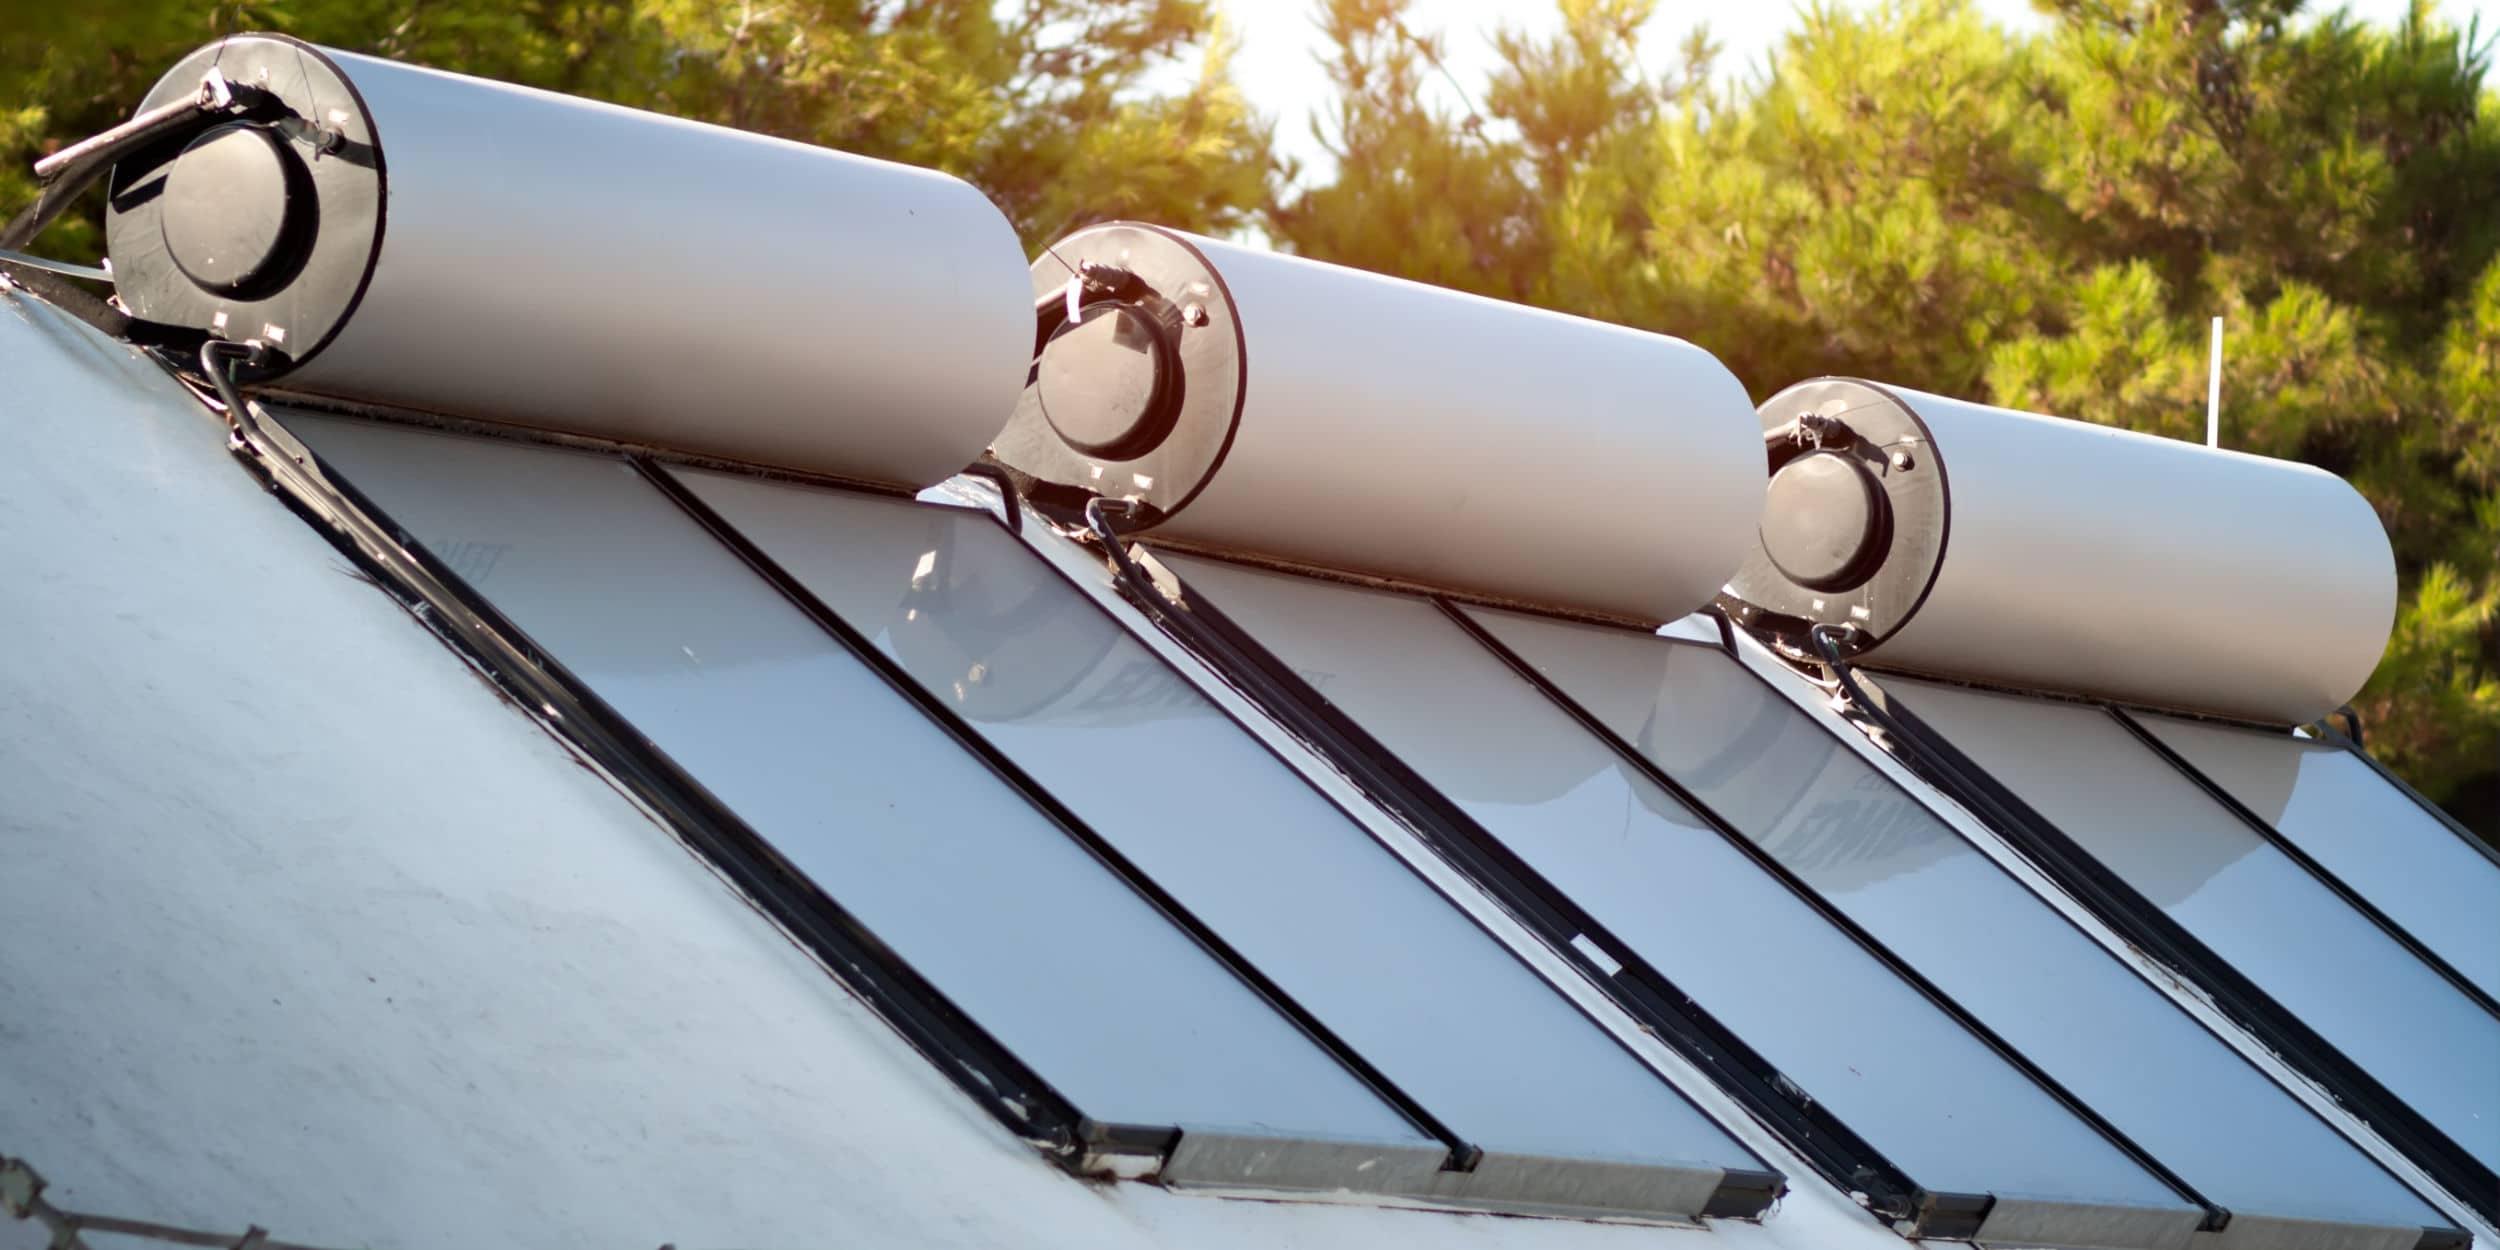 Chauffage solaire : Applications, systèmes et prix indicatifs [Guide complet]